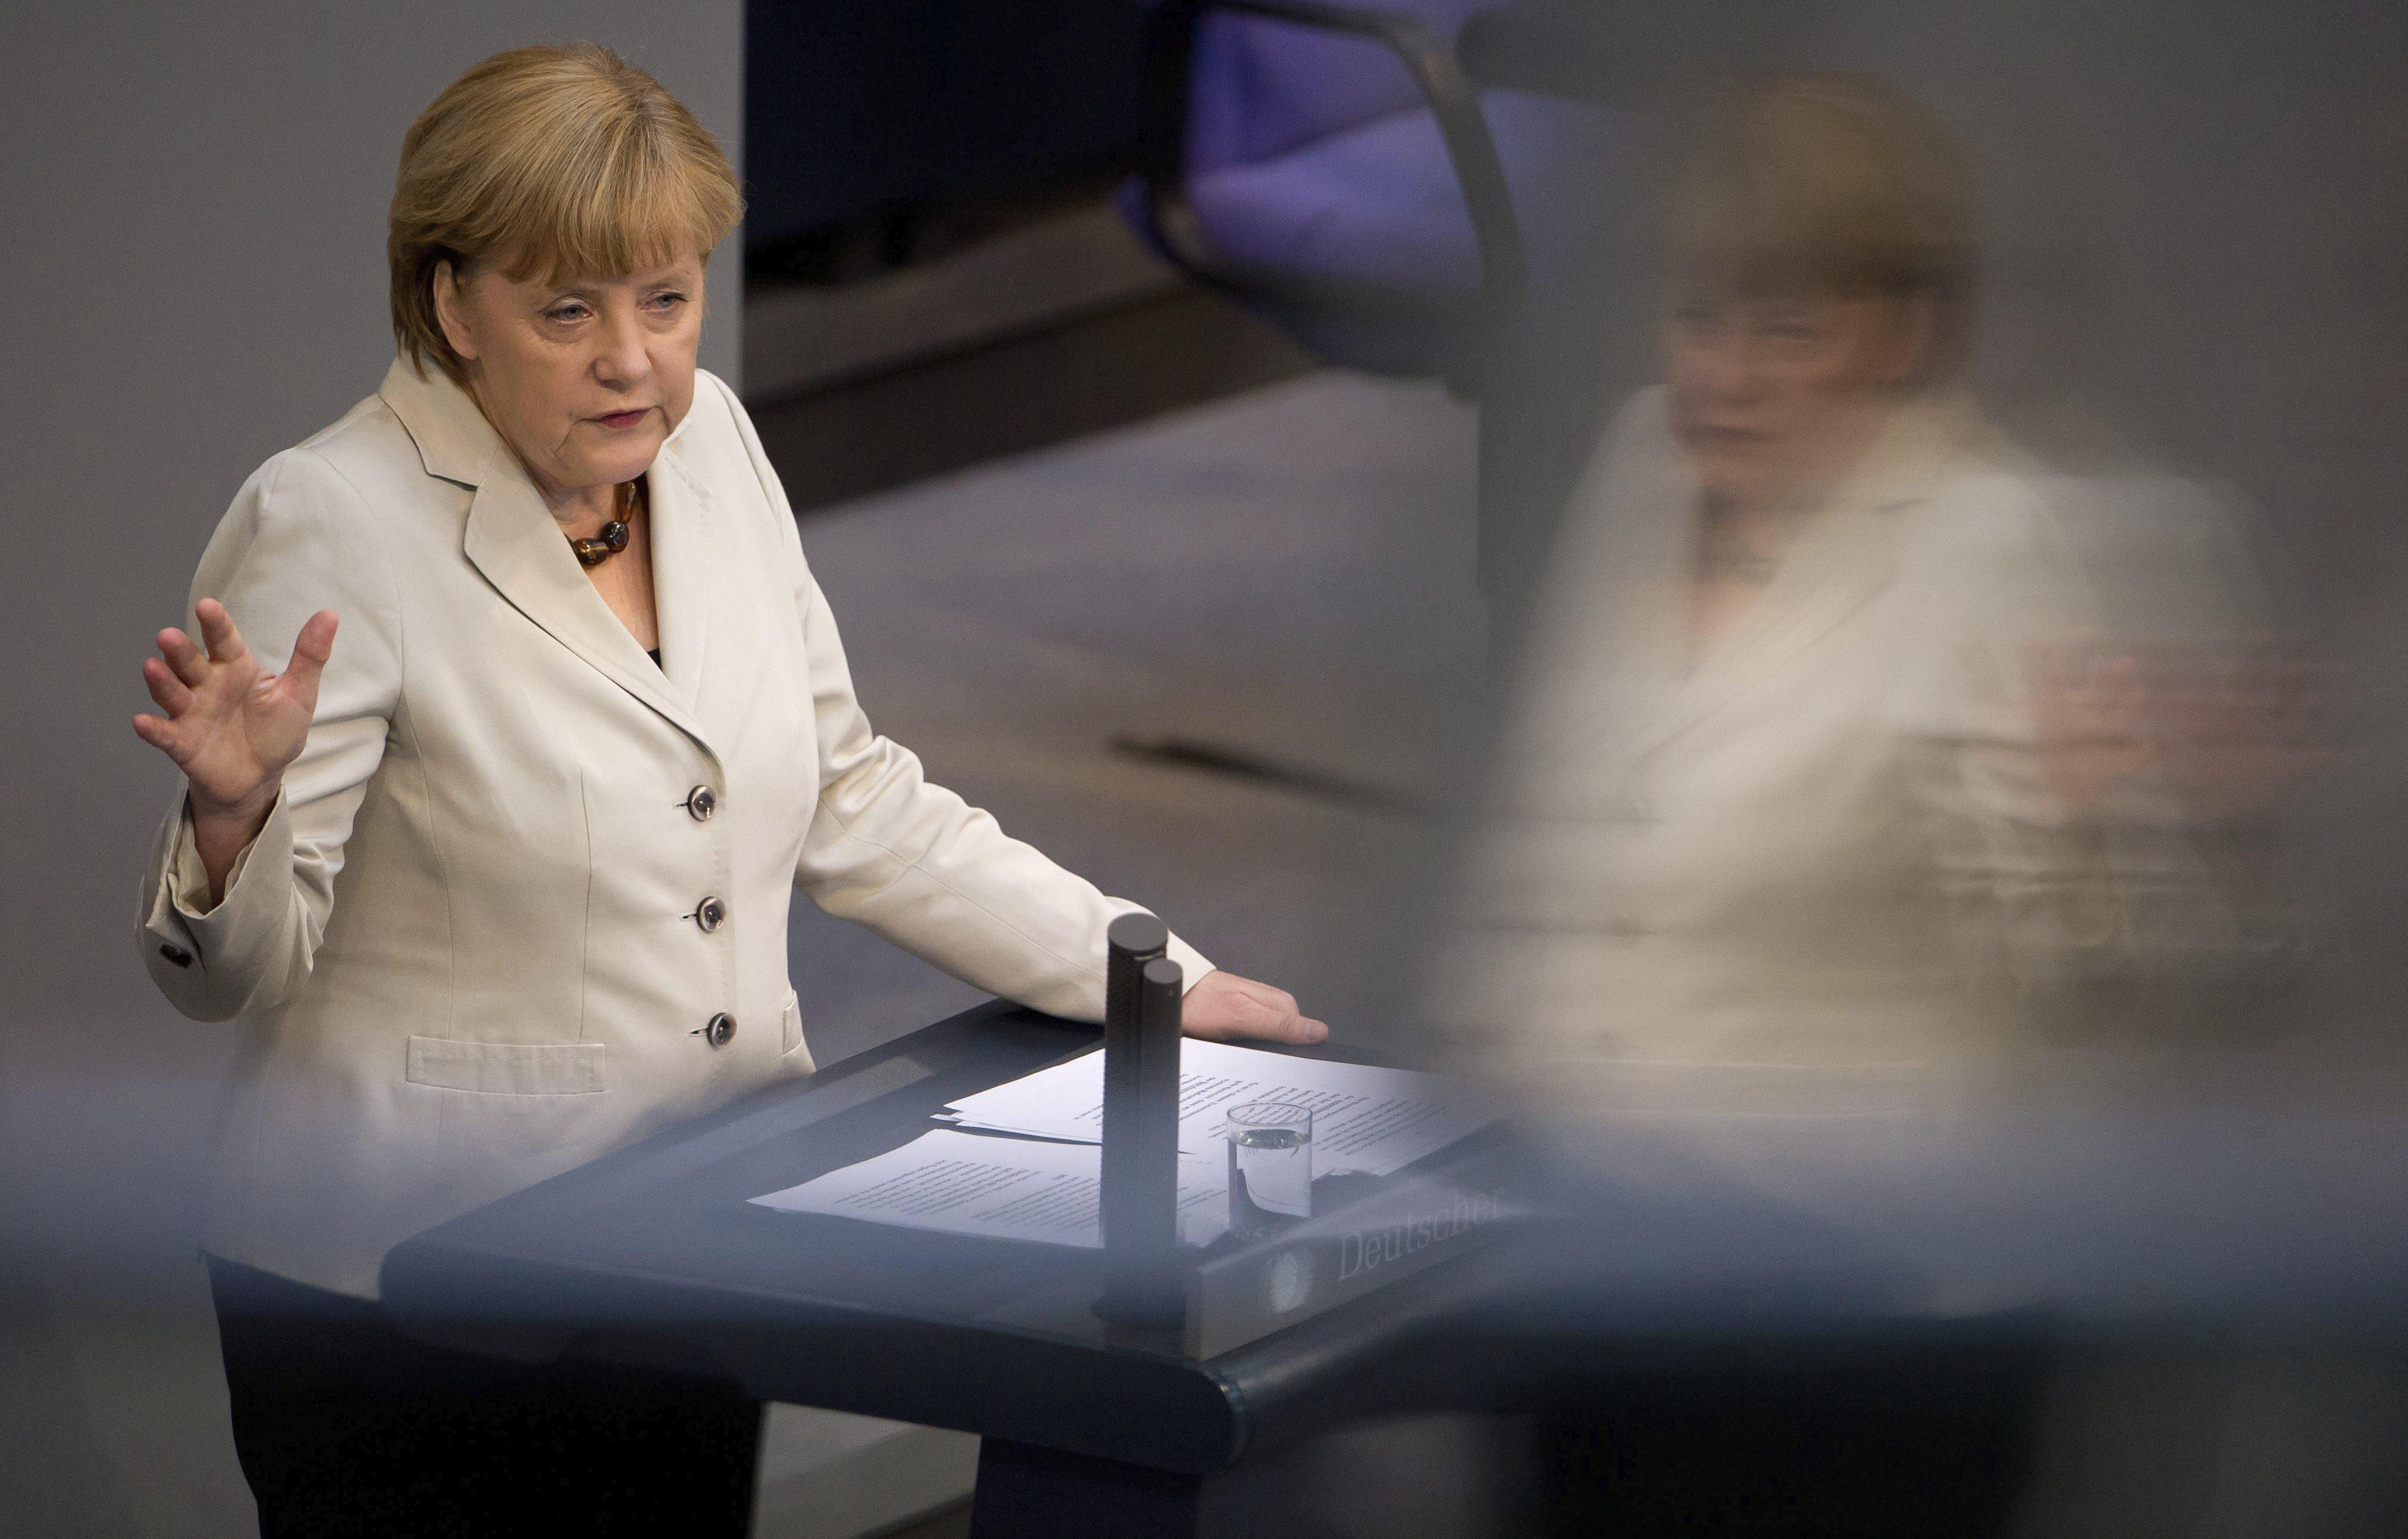 Alemania asegura que las prácticas de EEUU le recuerdan a la Guerra Fría